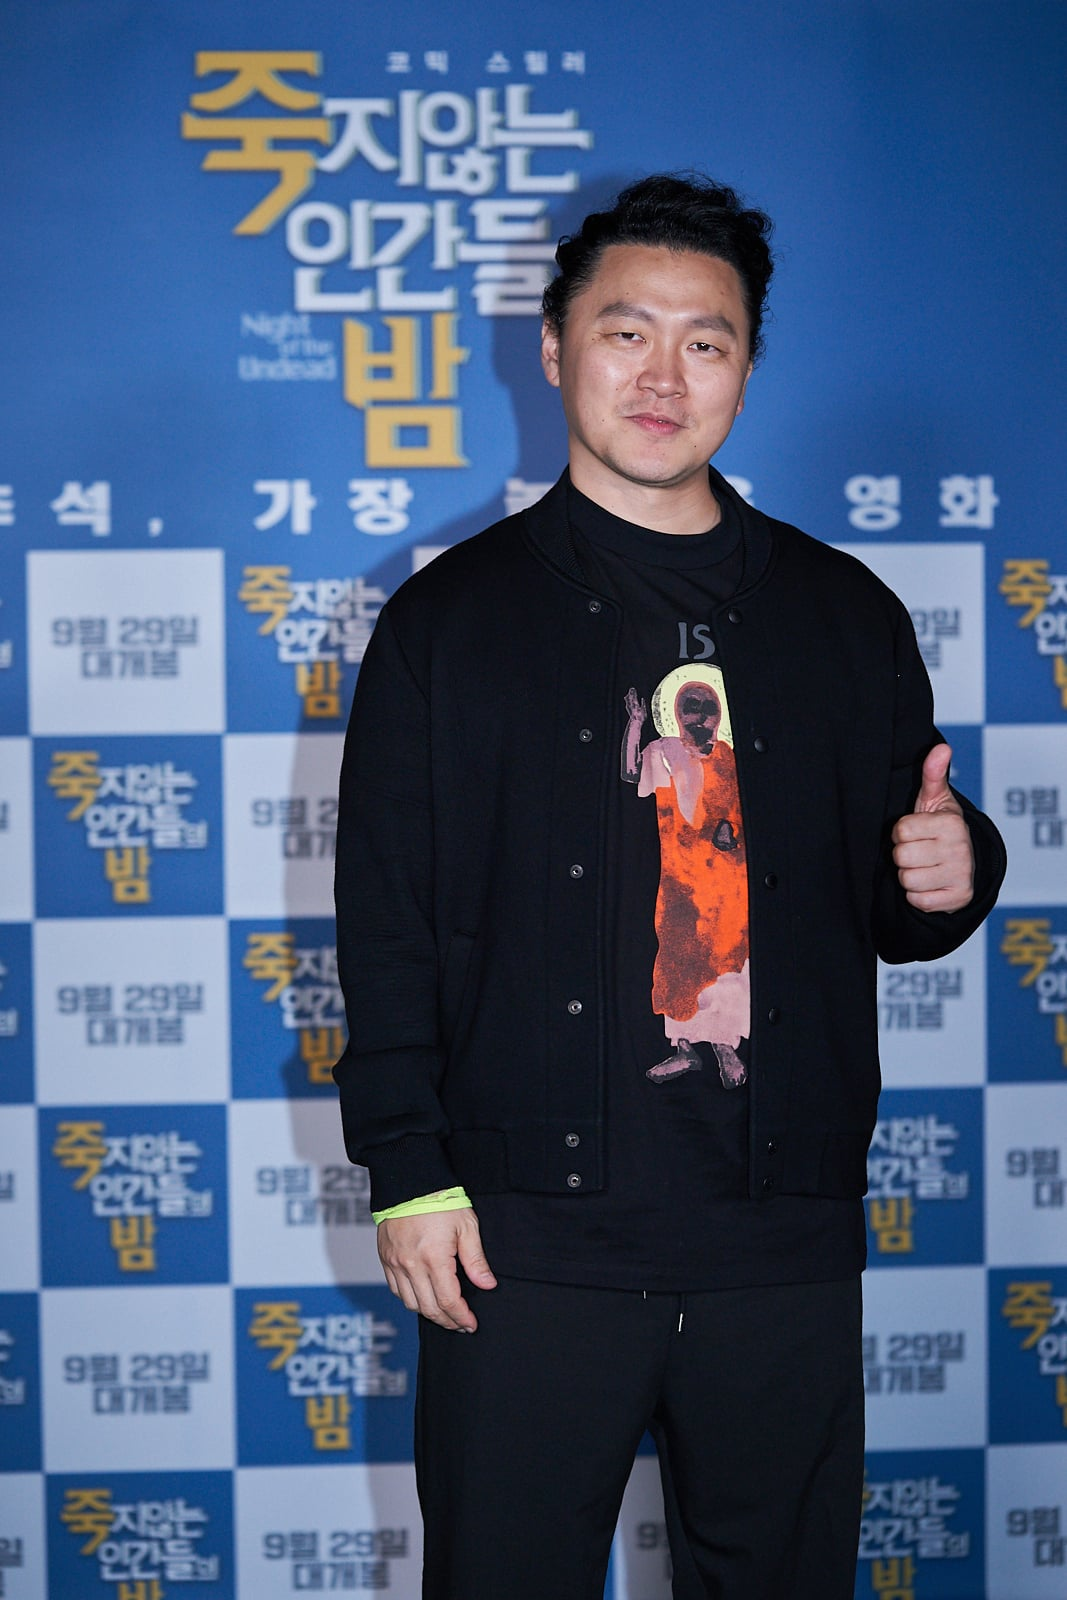 영화 '죽지않는 인간들의 밤' 출연 배우 양동근. 사진 TCO(주)더콘텐츠온